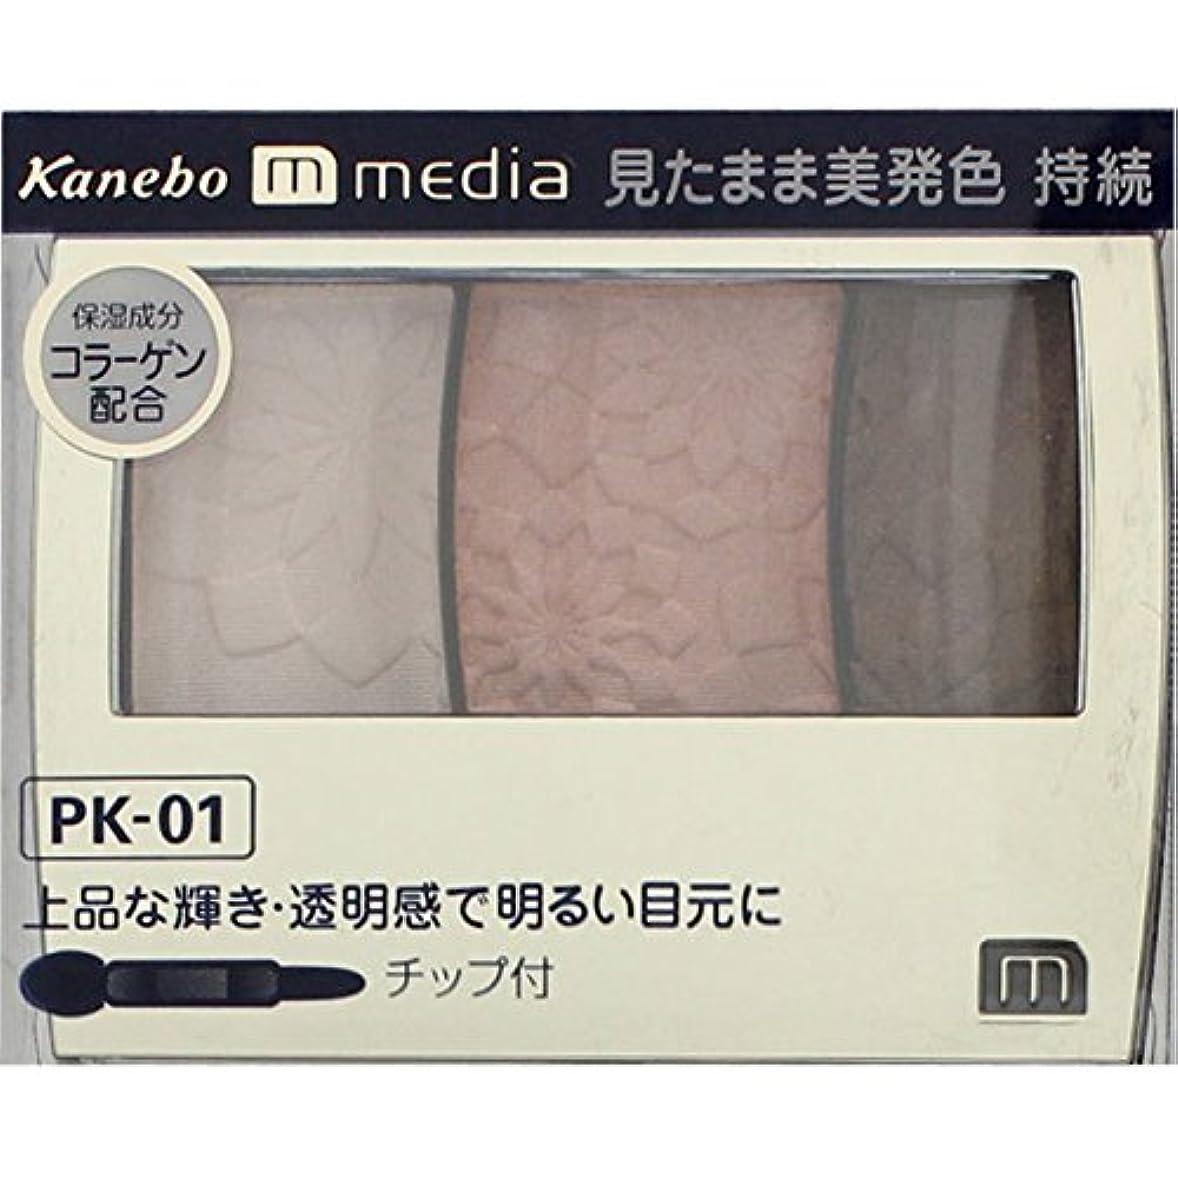 首どこにも蛾【カネボウ】 メディア グラデカラーアイシャドウ PK-01